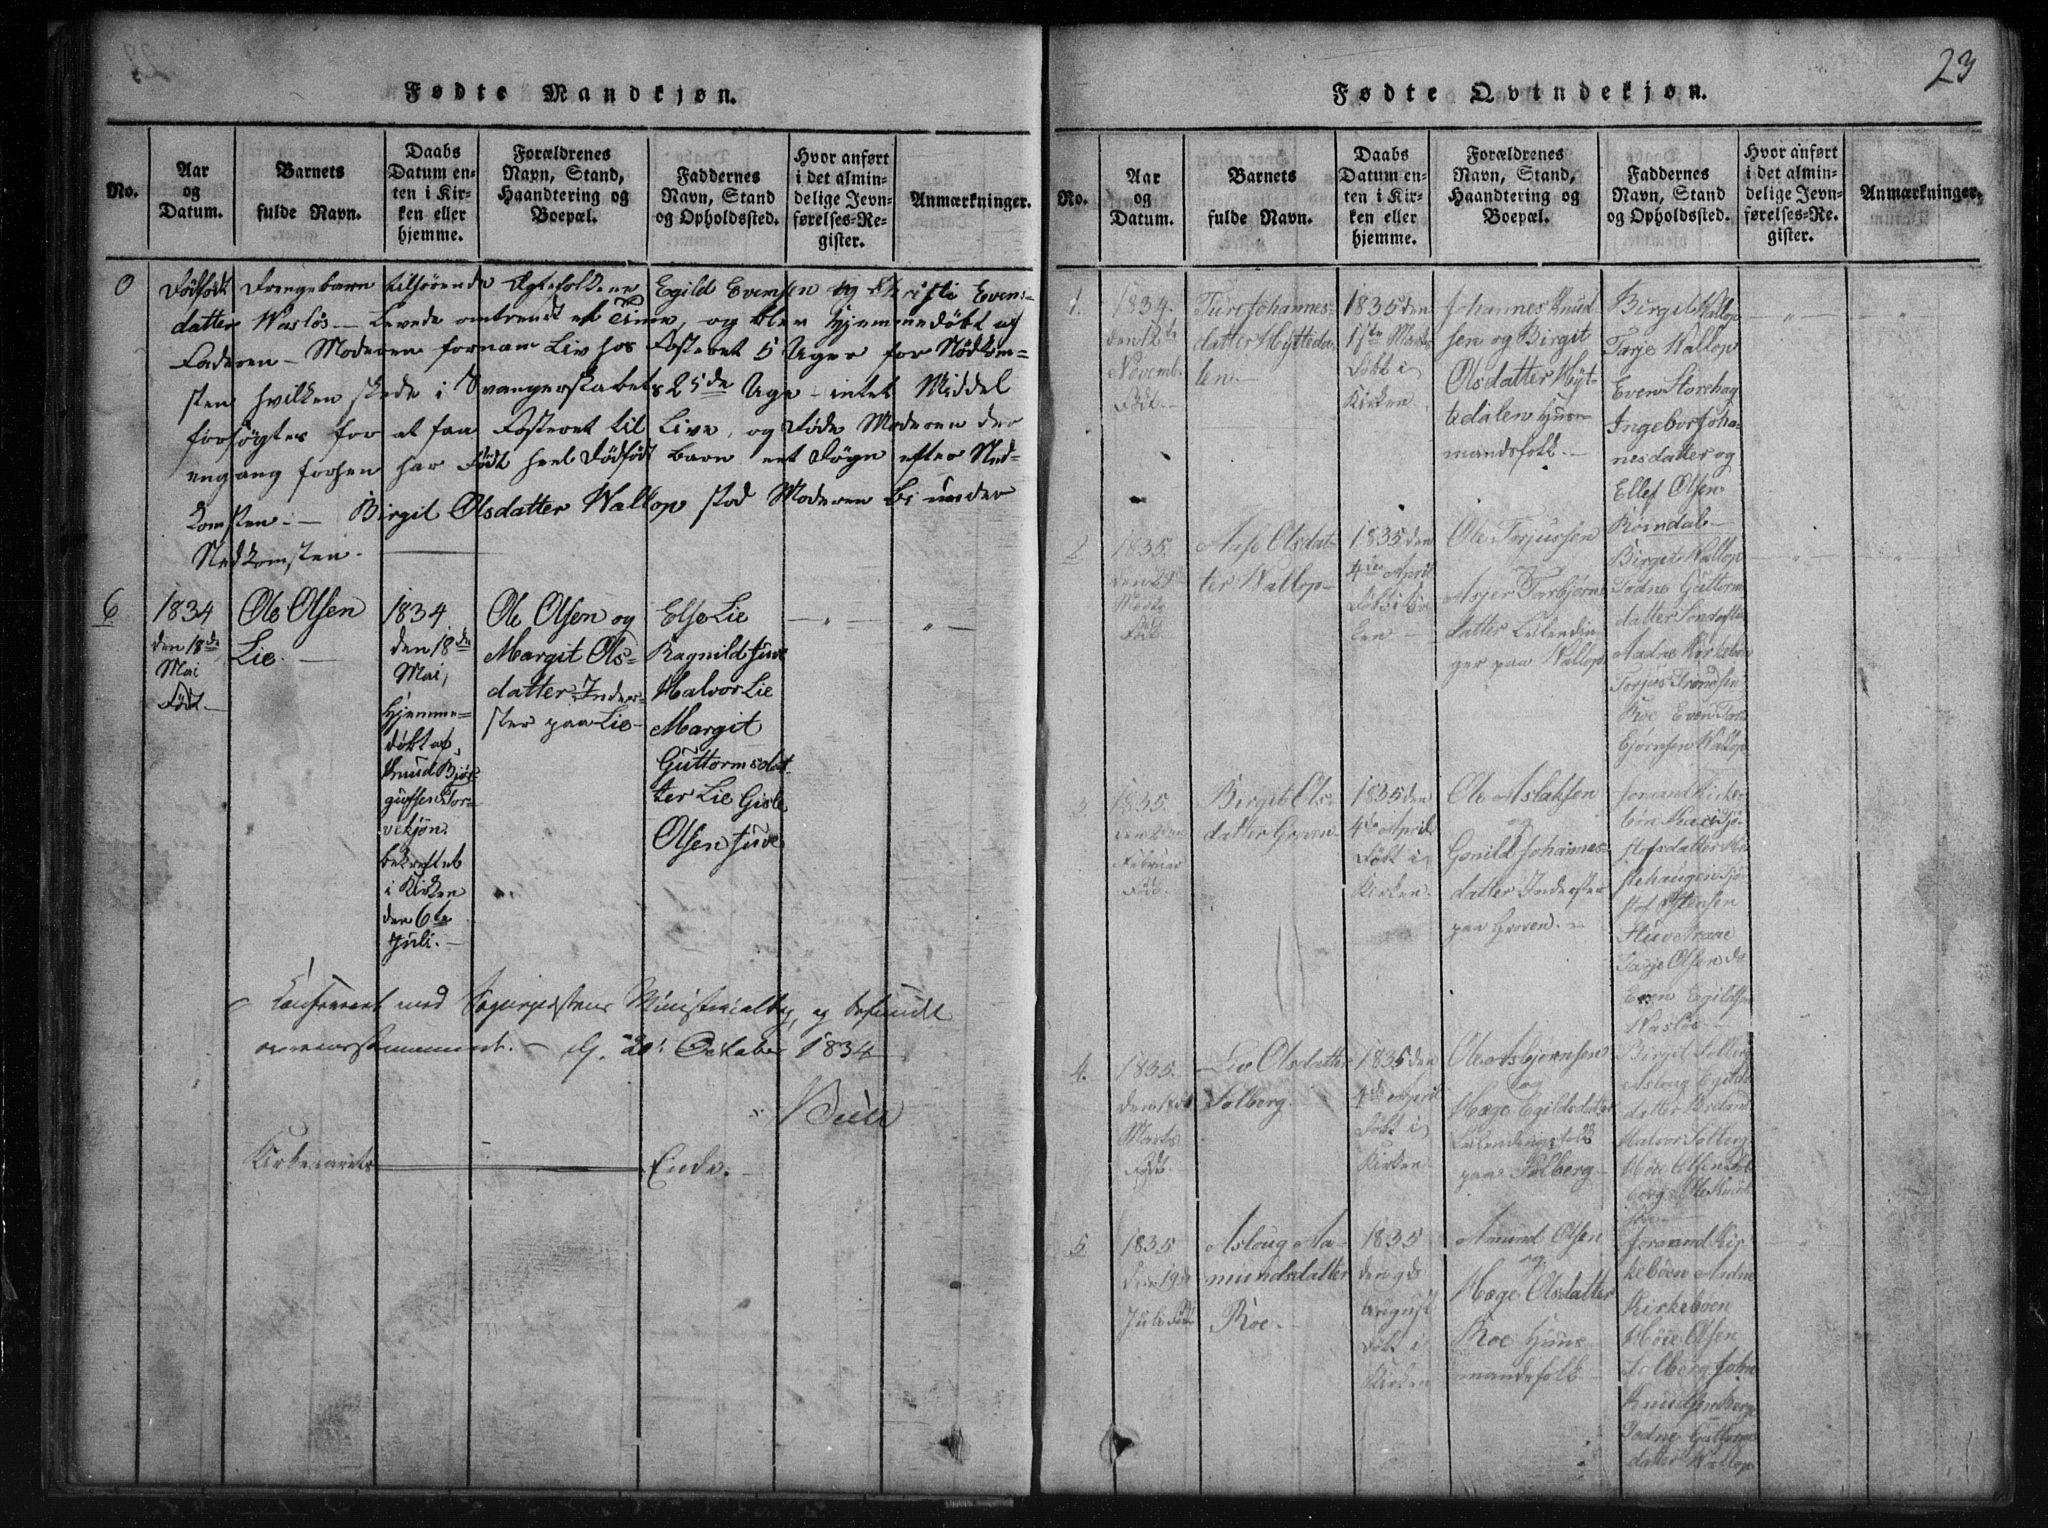 SAKO, Rauland kirkebøker, G/Gb/L0001: Klokkerbok nr. II 1, 1815-1886, s. 23